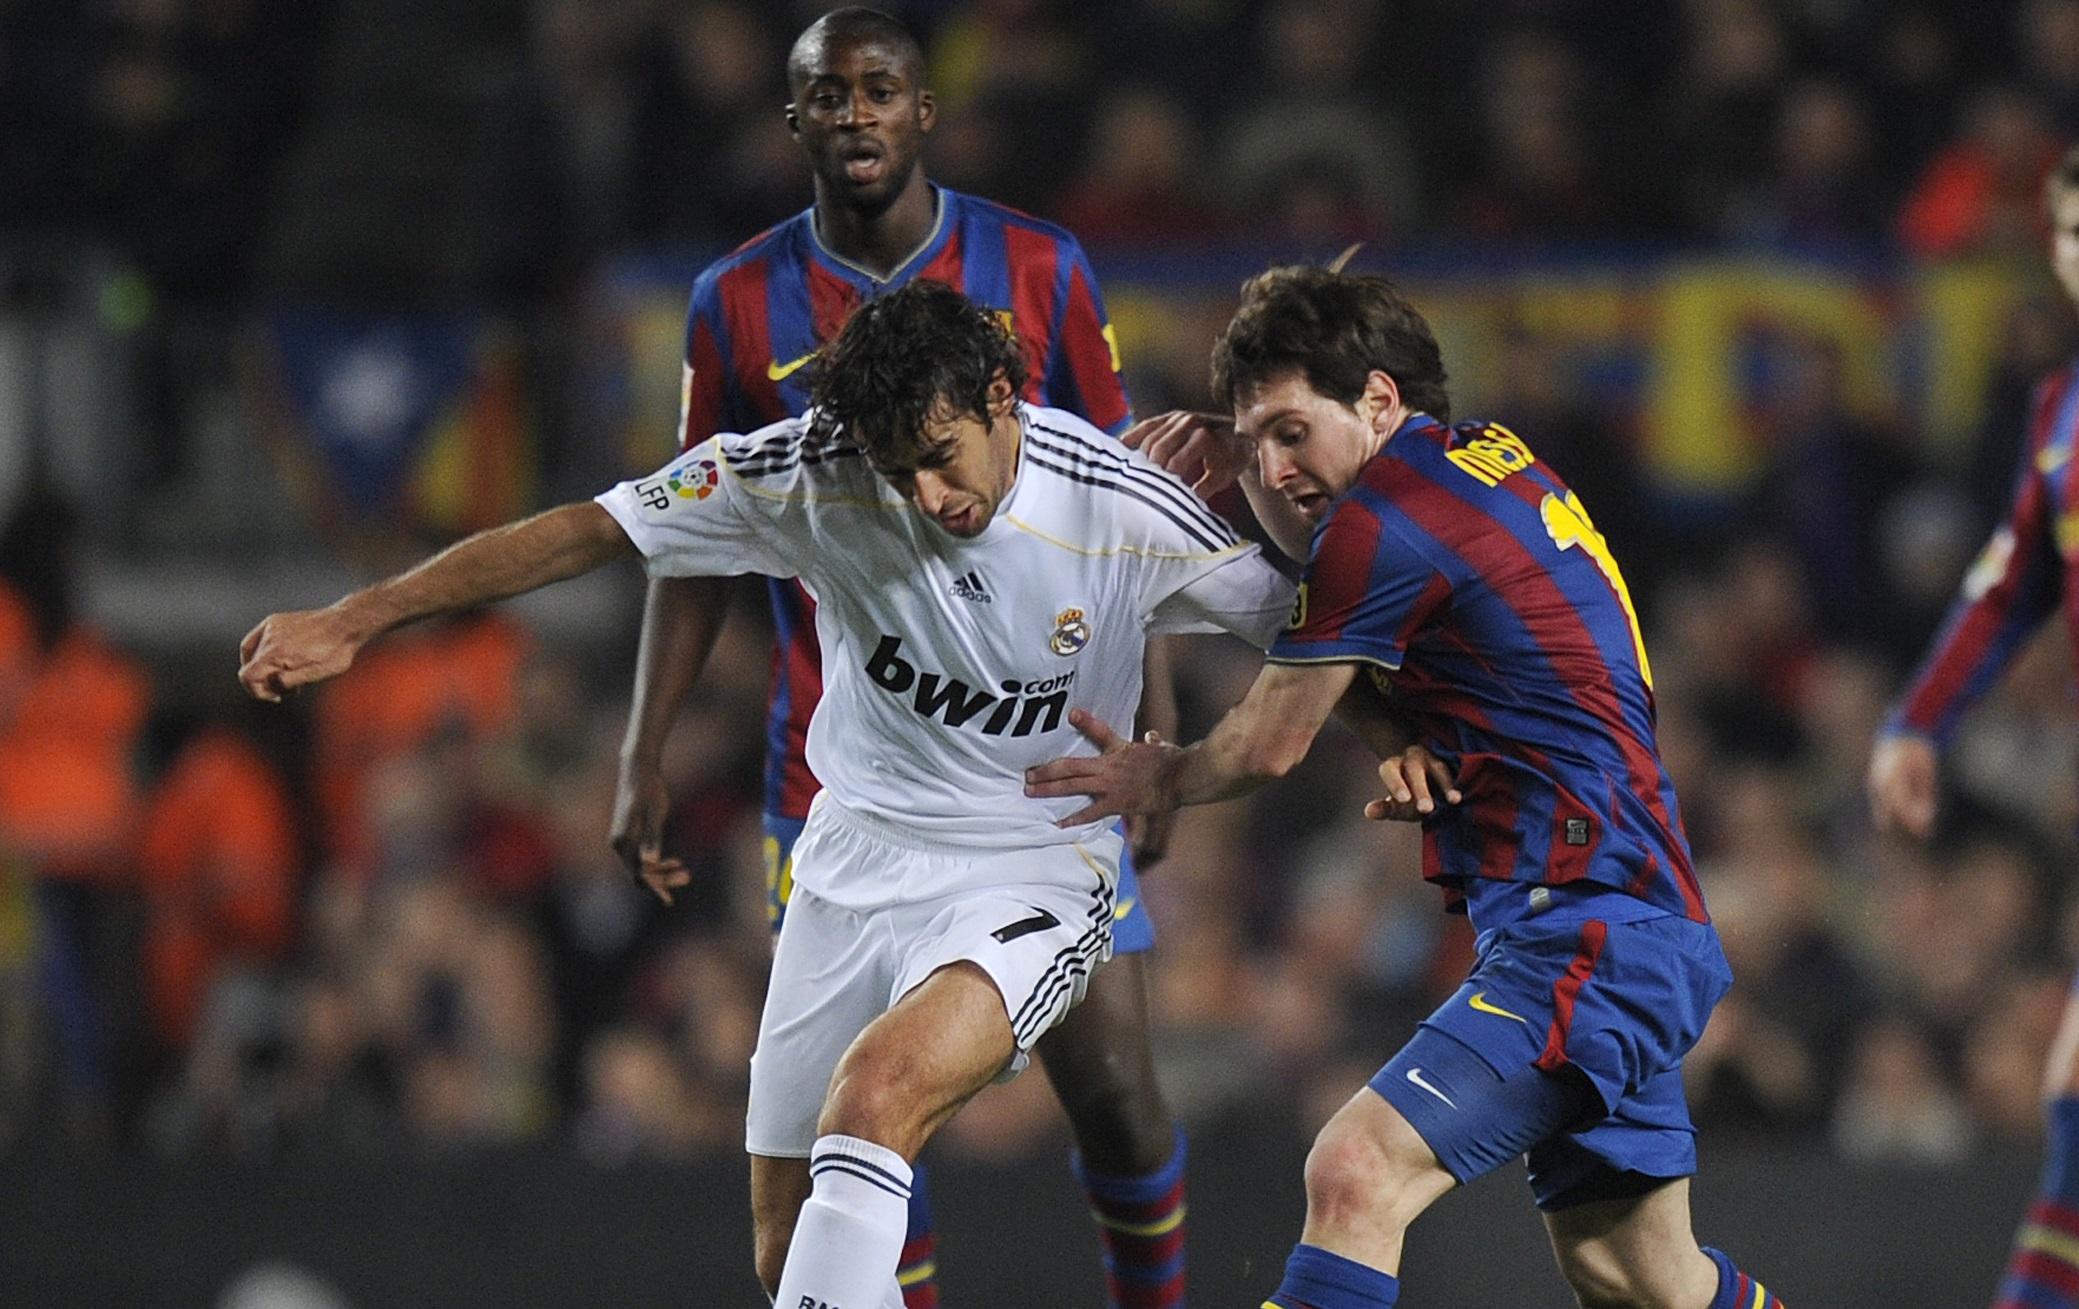 Raul Gonzalez & Lionel Messi